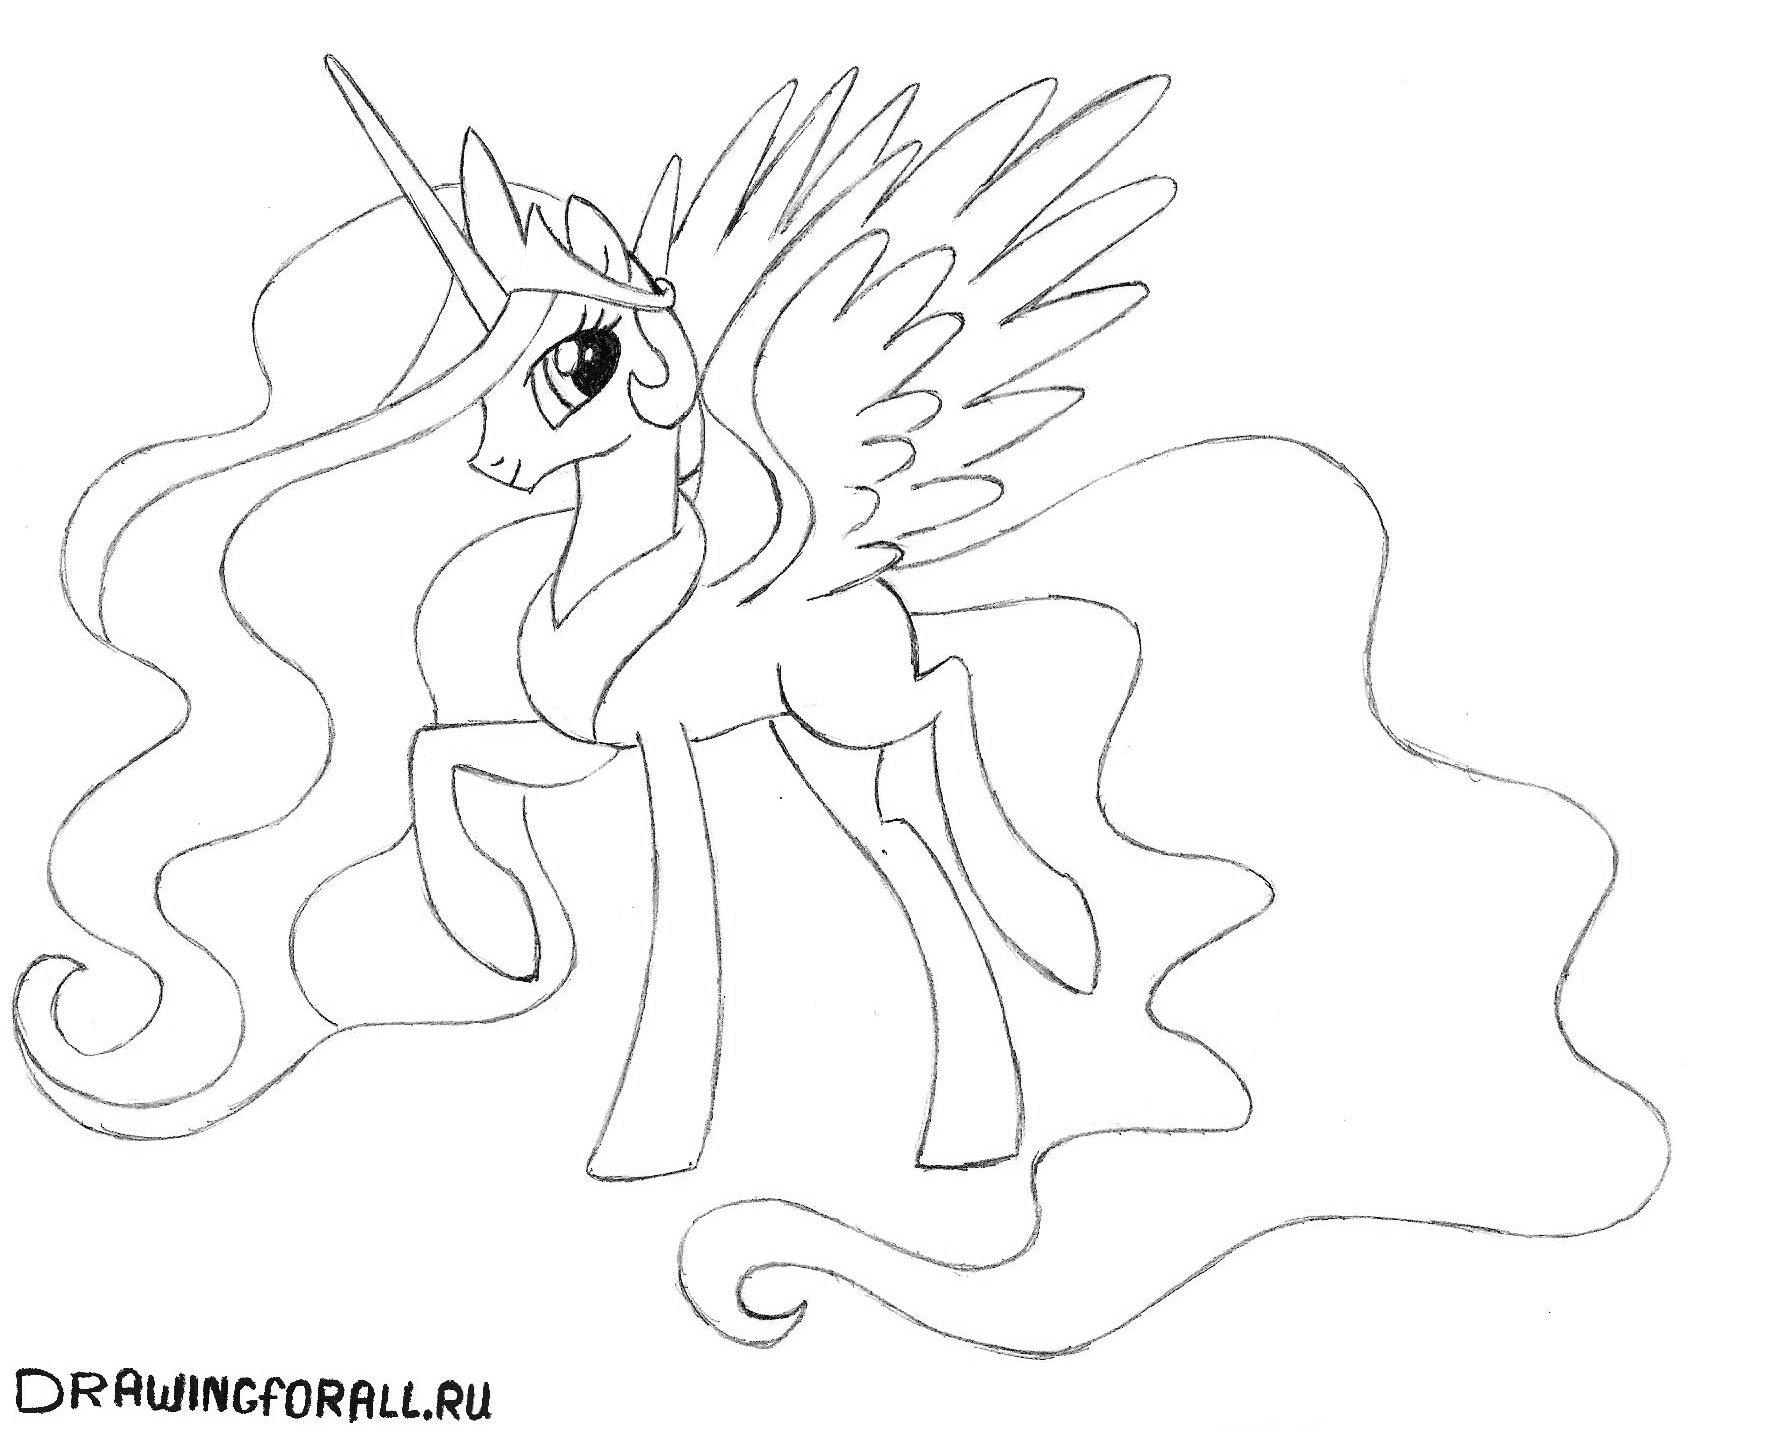 Принцесса селестия рисунок карандашом